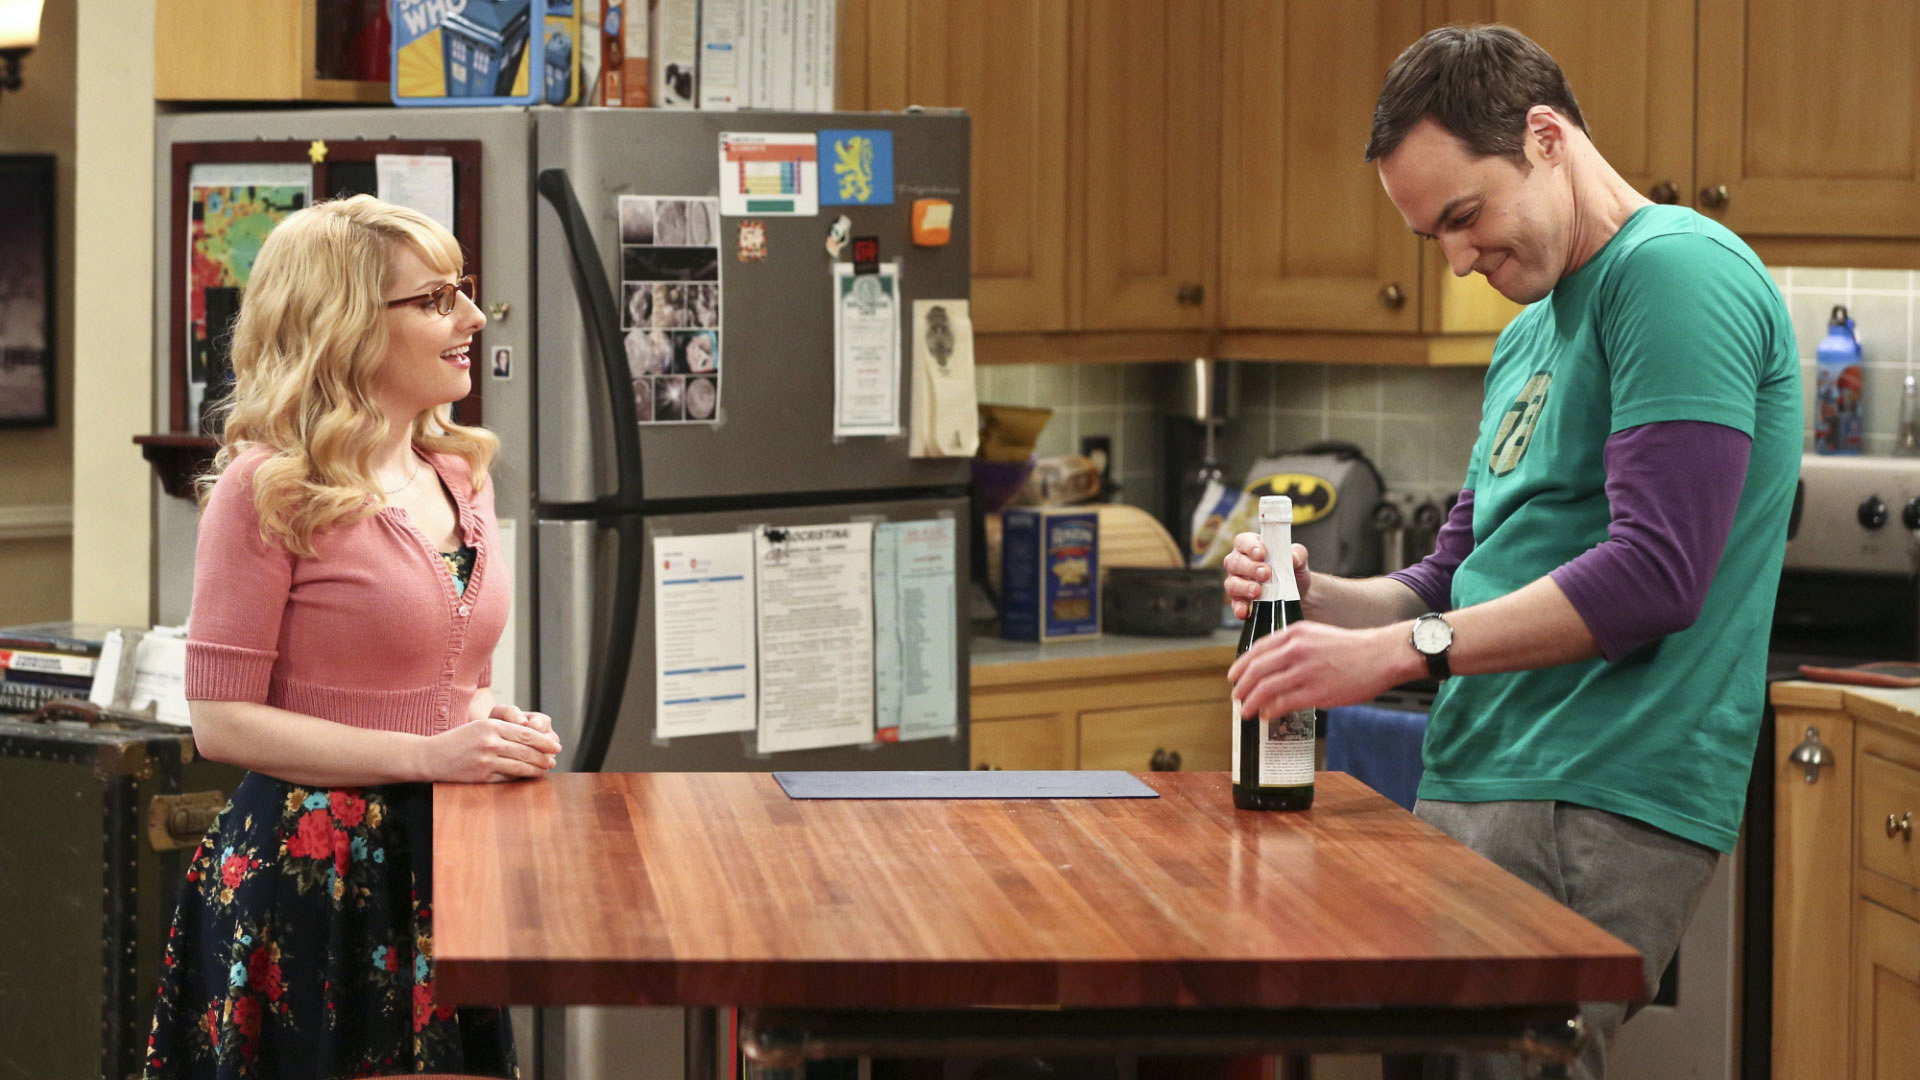 Sheldon opens a bottle of sparkling cider for Bernadette and himself.